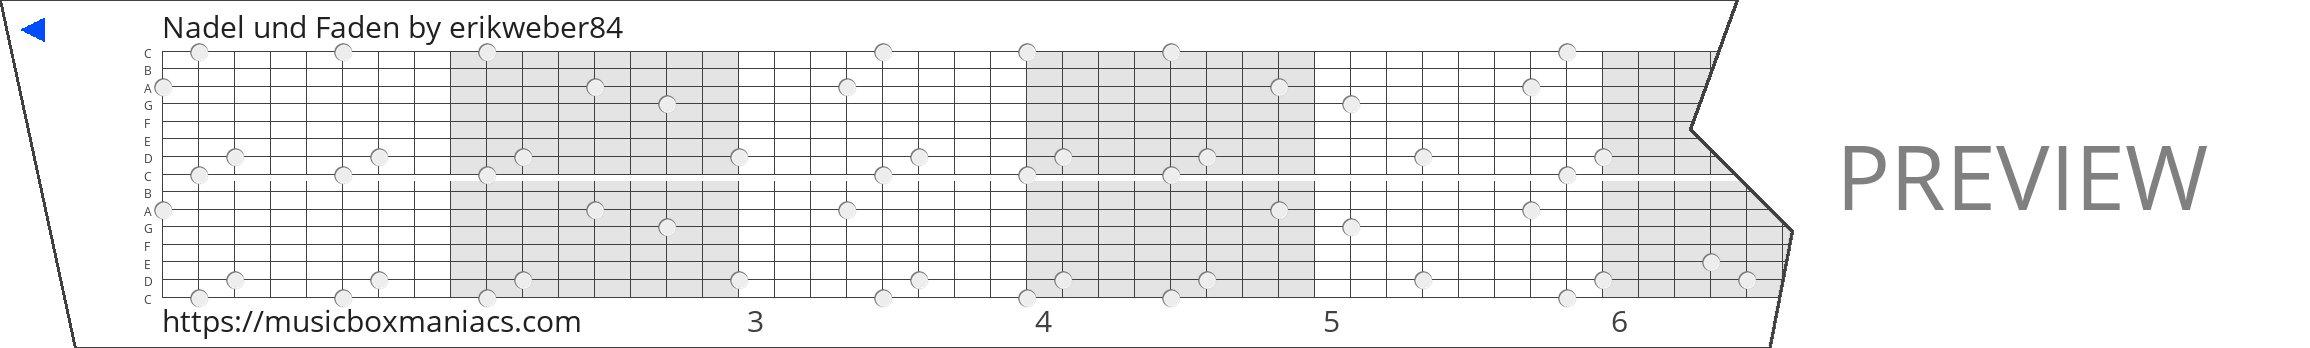 Nadel und Faden 15 note music box paper strip